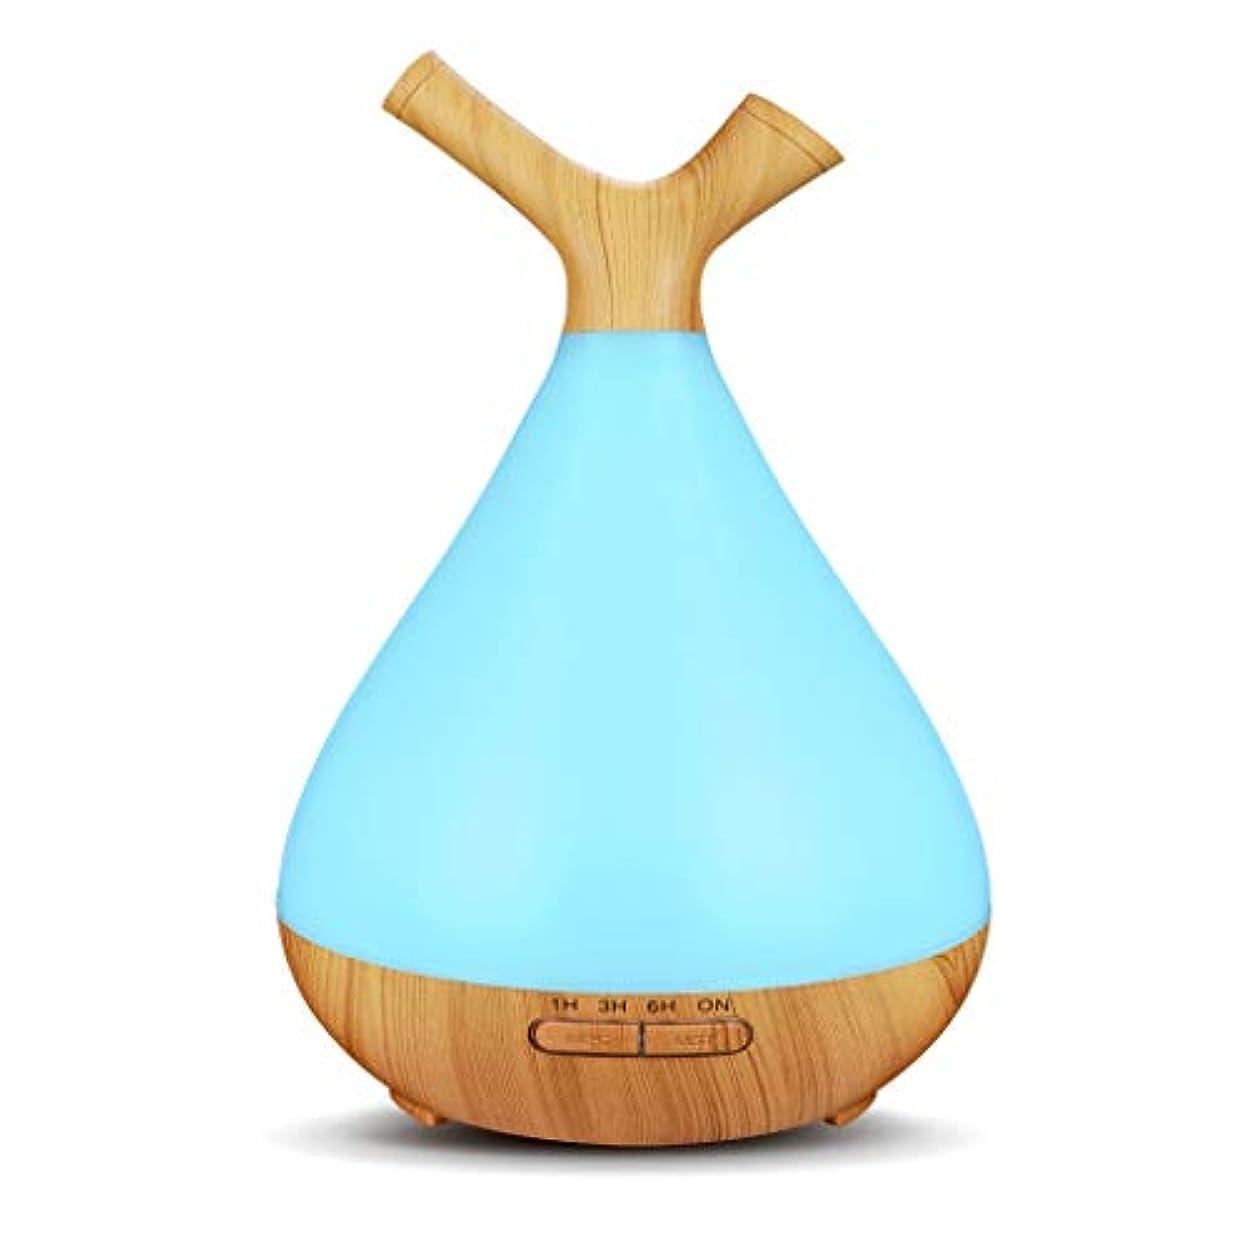 不規則性サスペンション心配必須の拡散器の木製の穀物、居間の研究の寝室のオフィスのためのCoolClassic 400mlの木のタイプ加湿器、小さくそして絶妙な空気清浄器、 (Color : Light wood grain)